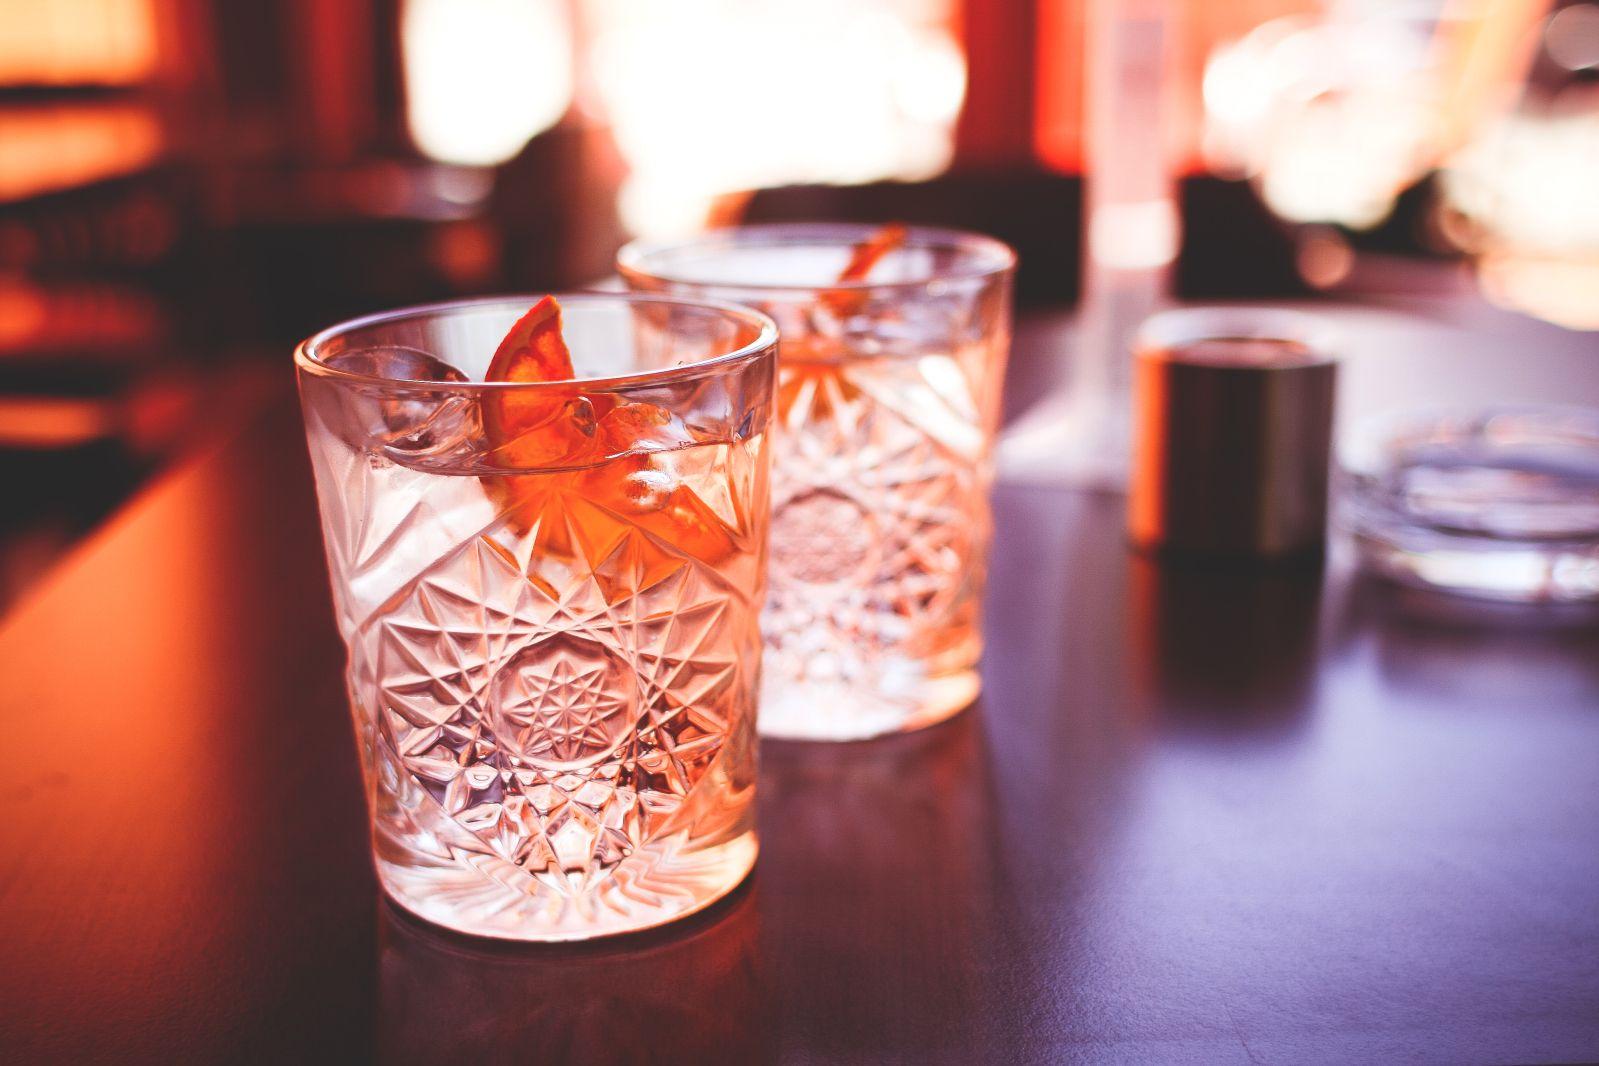 Wetherspoons To Advertise 15 000 Uk Pub Jobs By 2020 Gin Tasting Milkshake Drink Orange Drinks